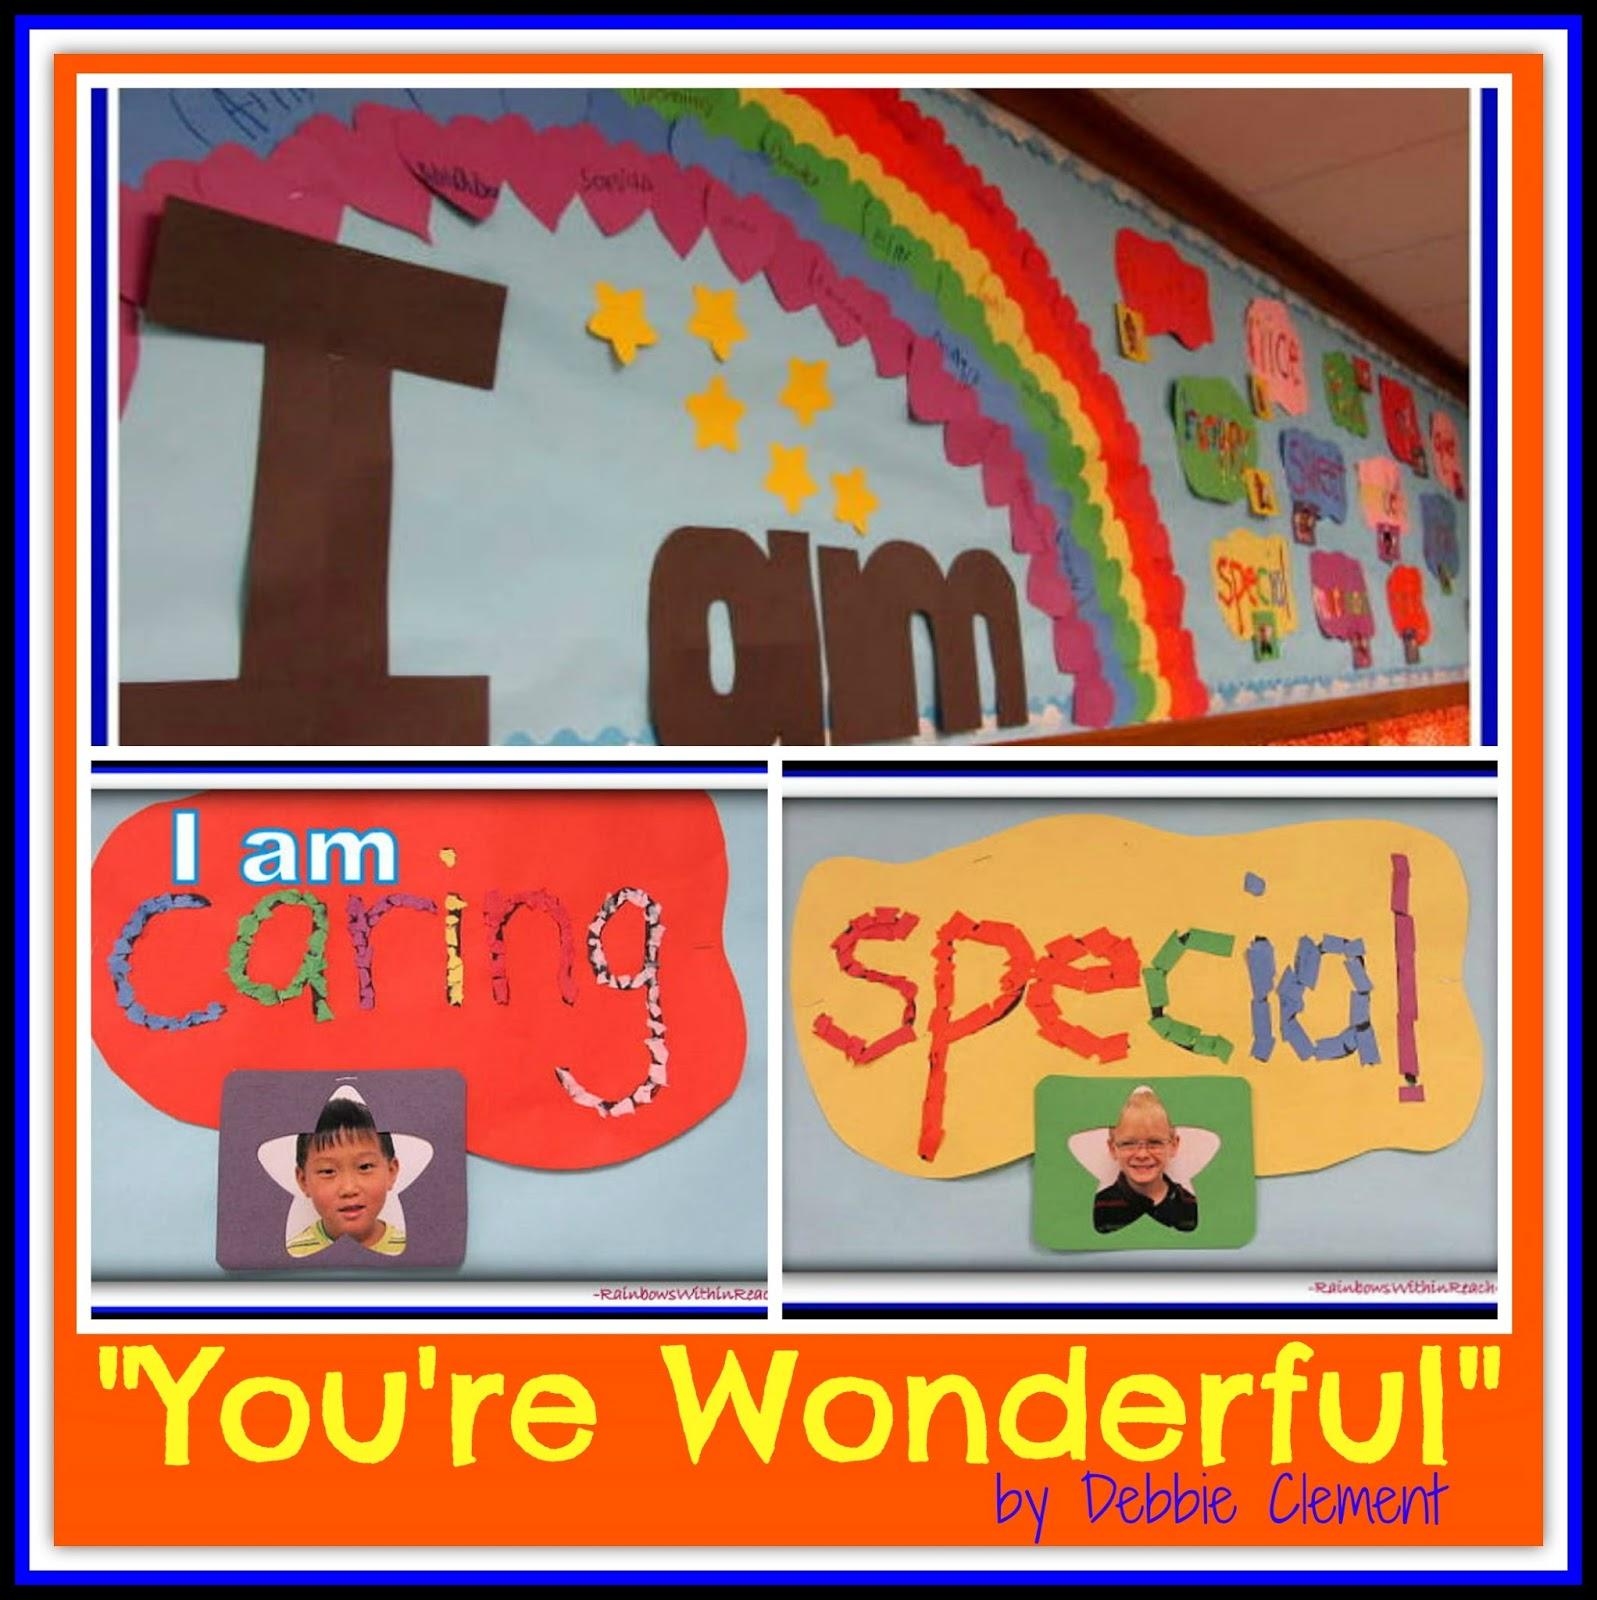 You Re Wonderful: Www.prekandksharing.blogspot.com